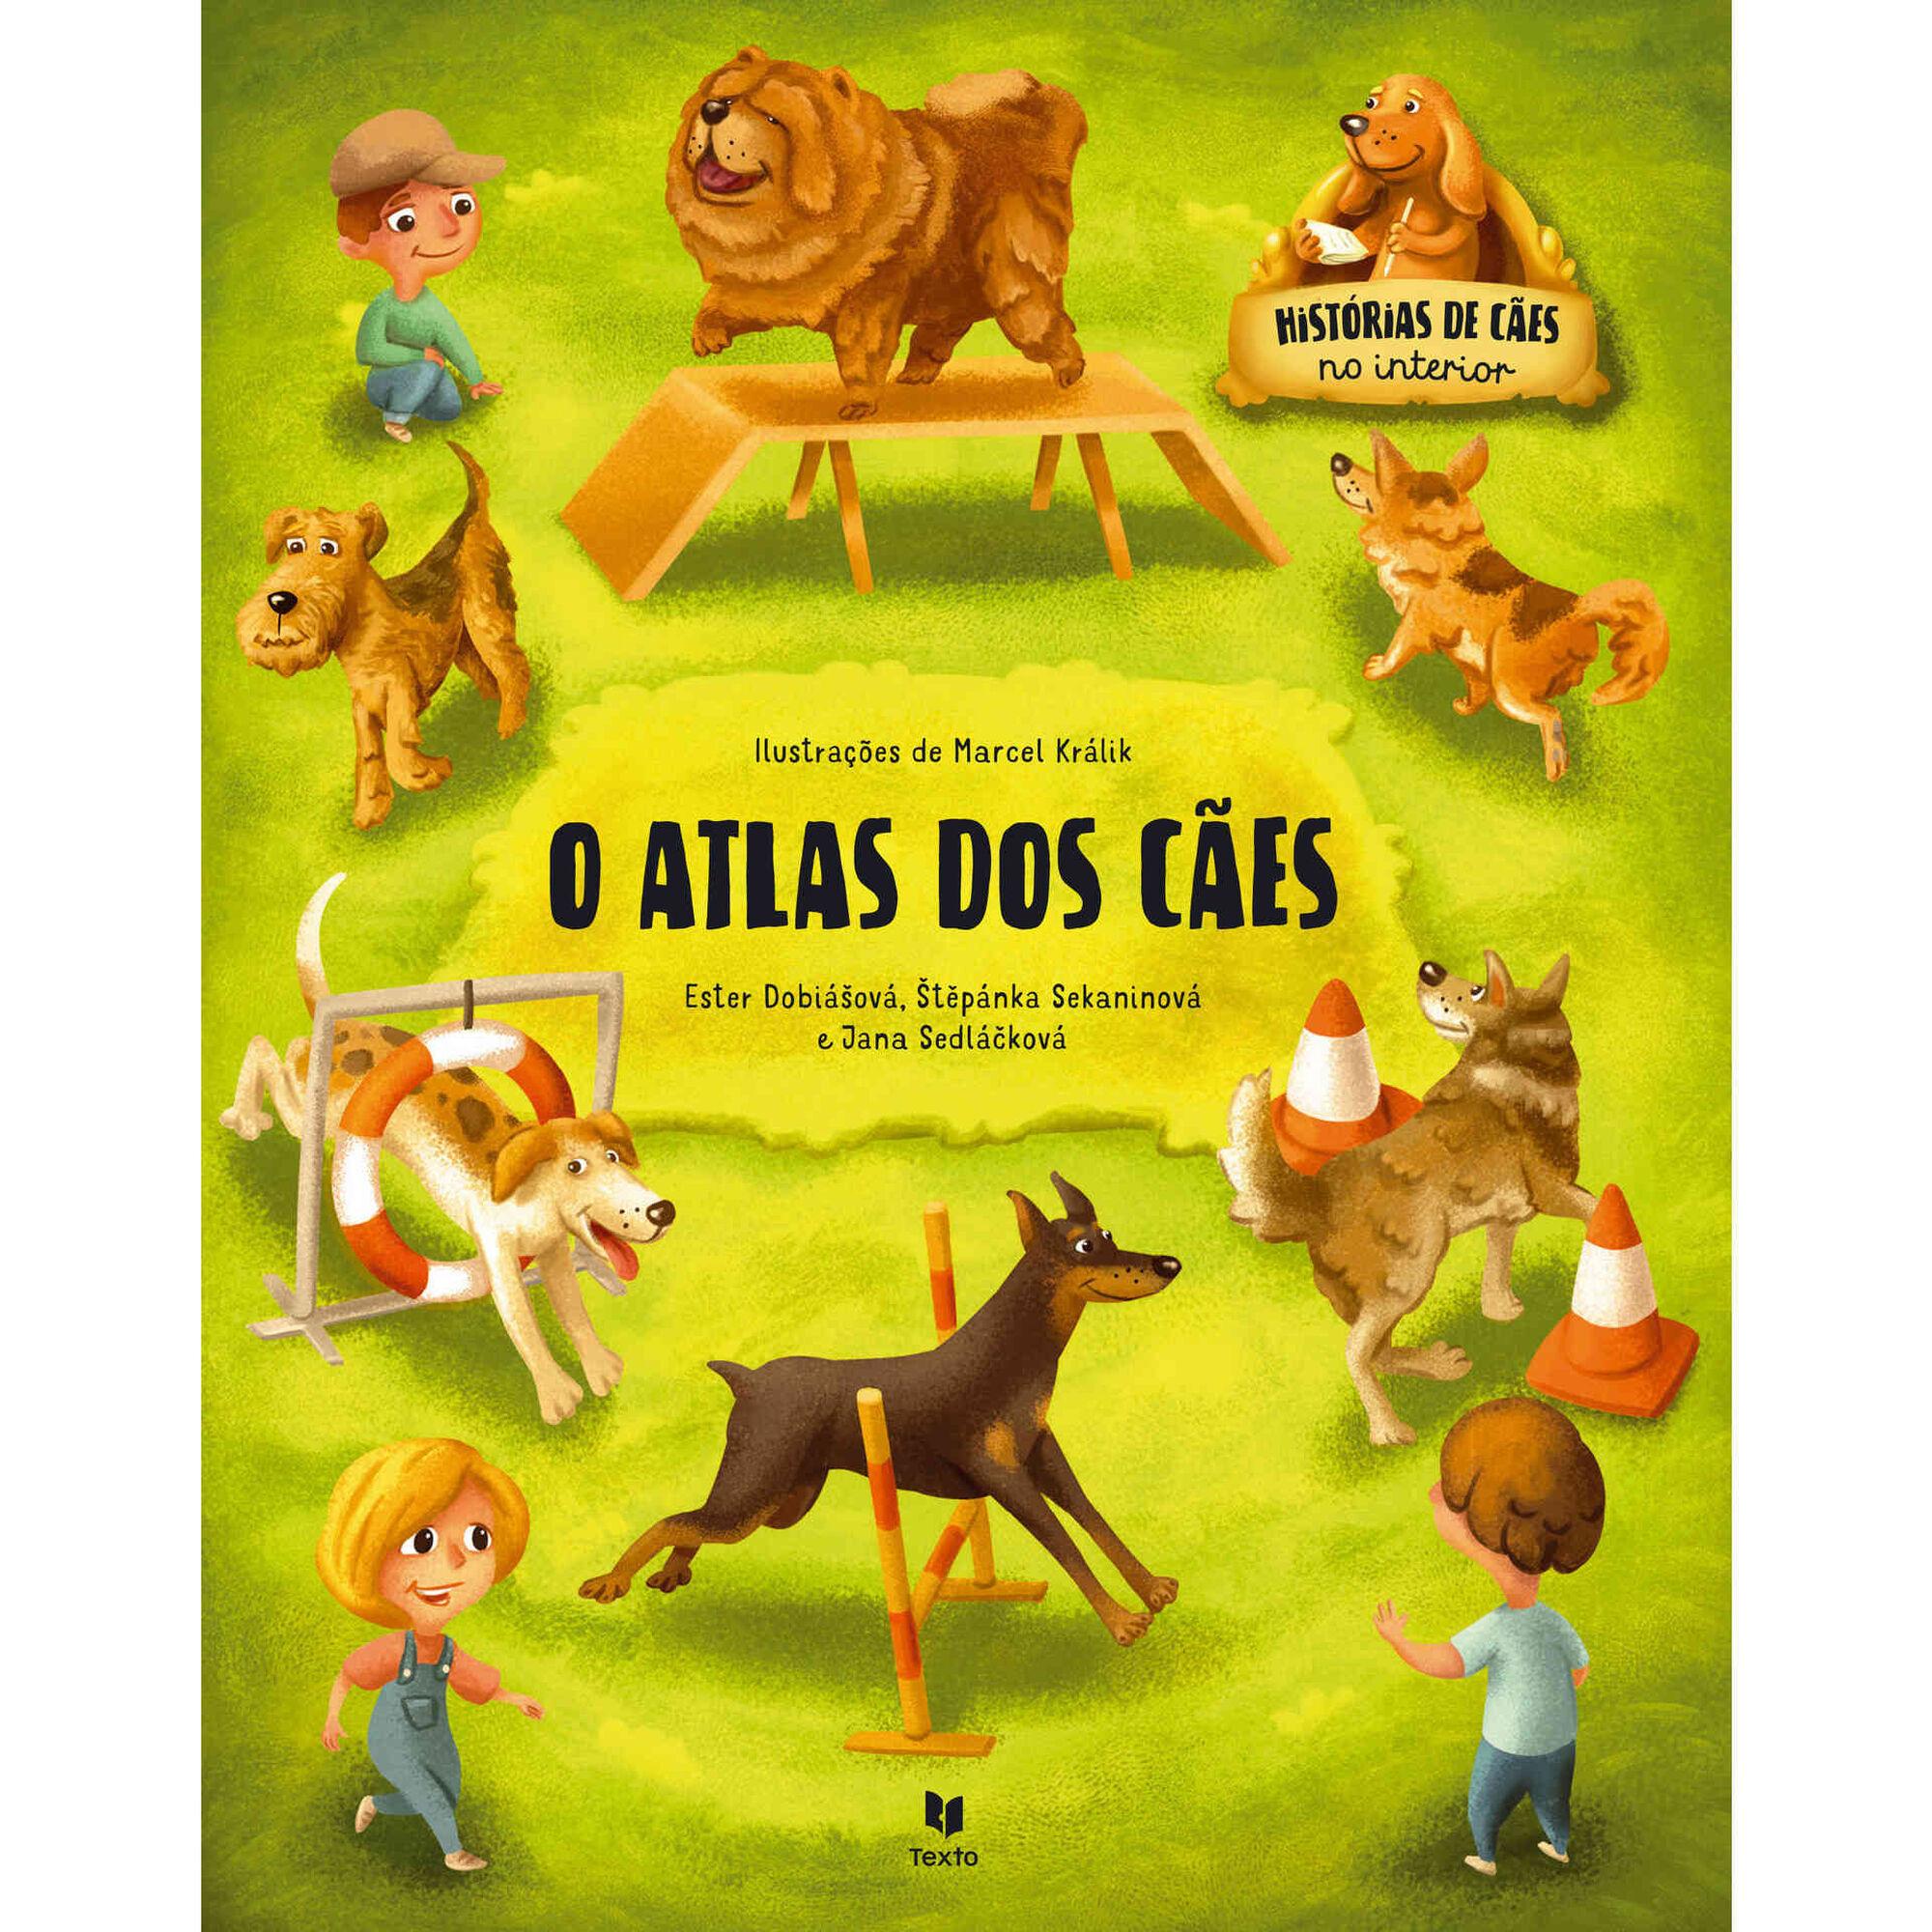 O Atlas dos Cães